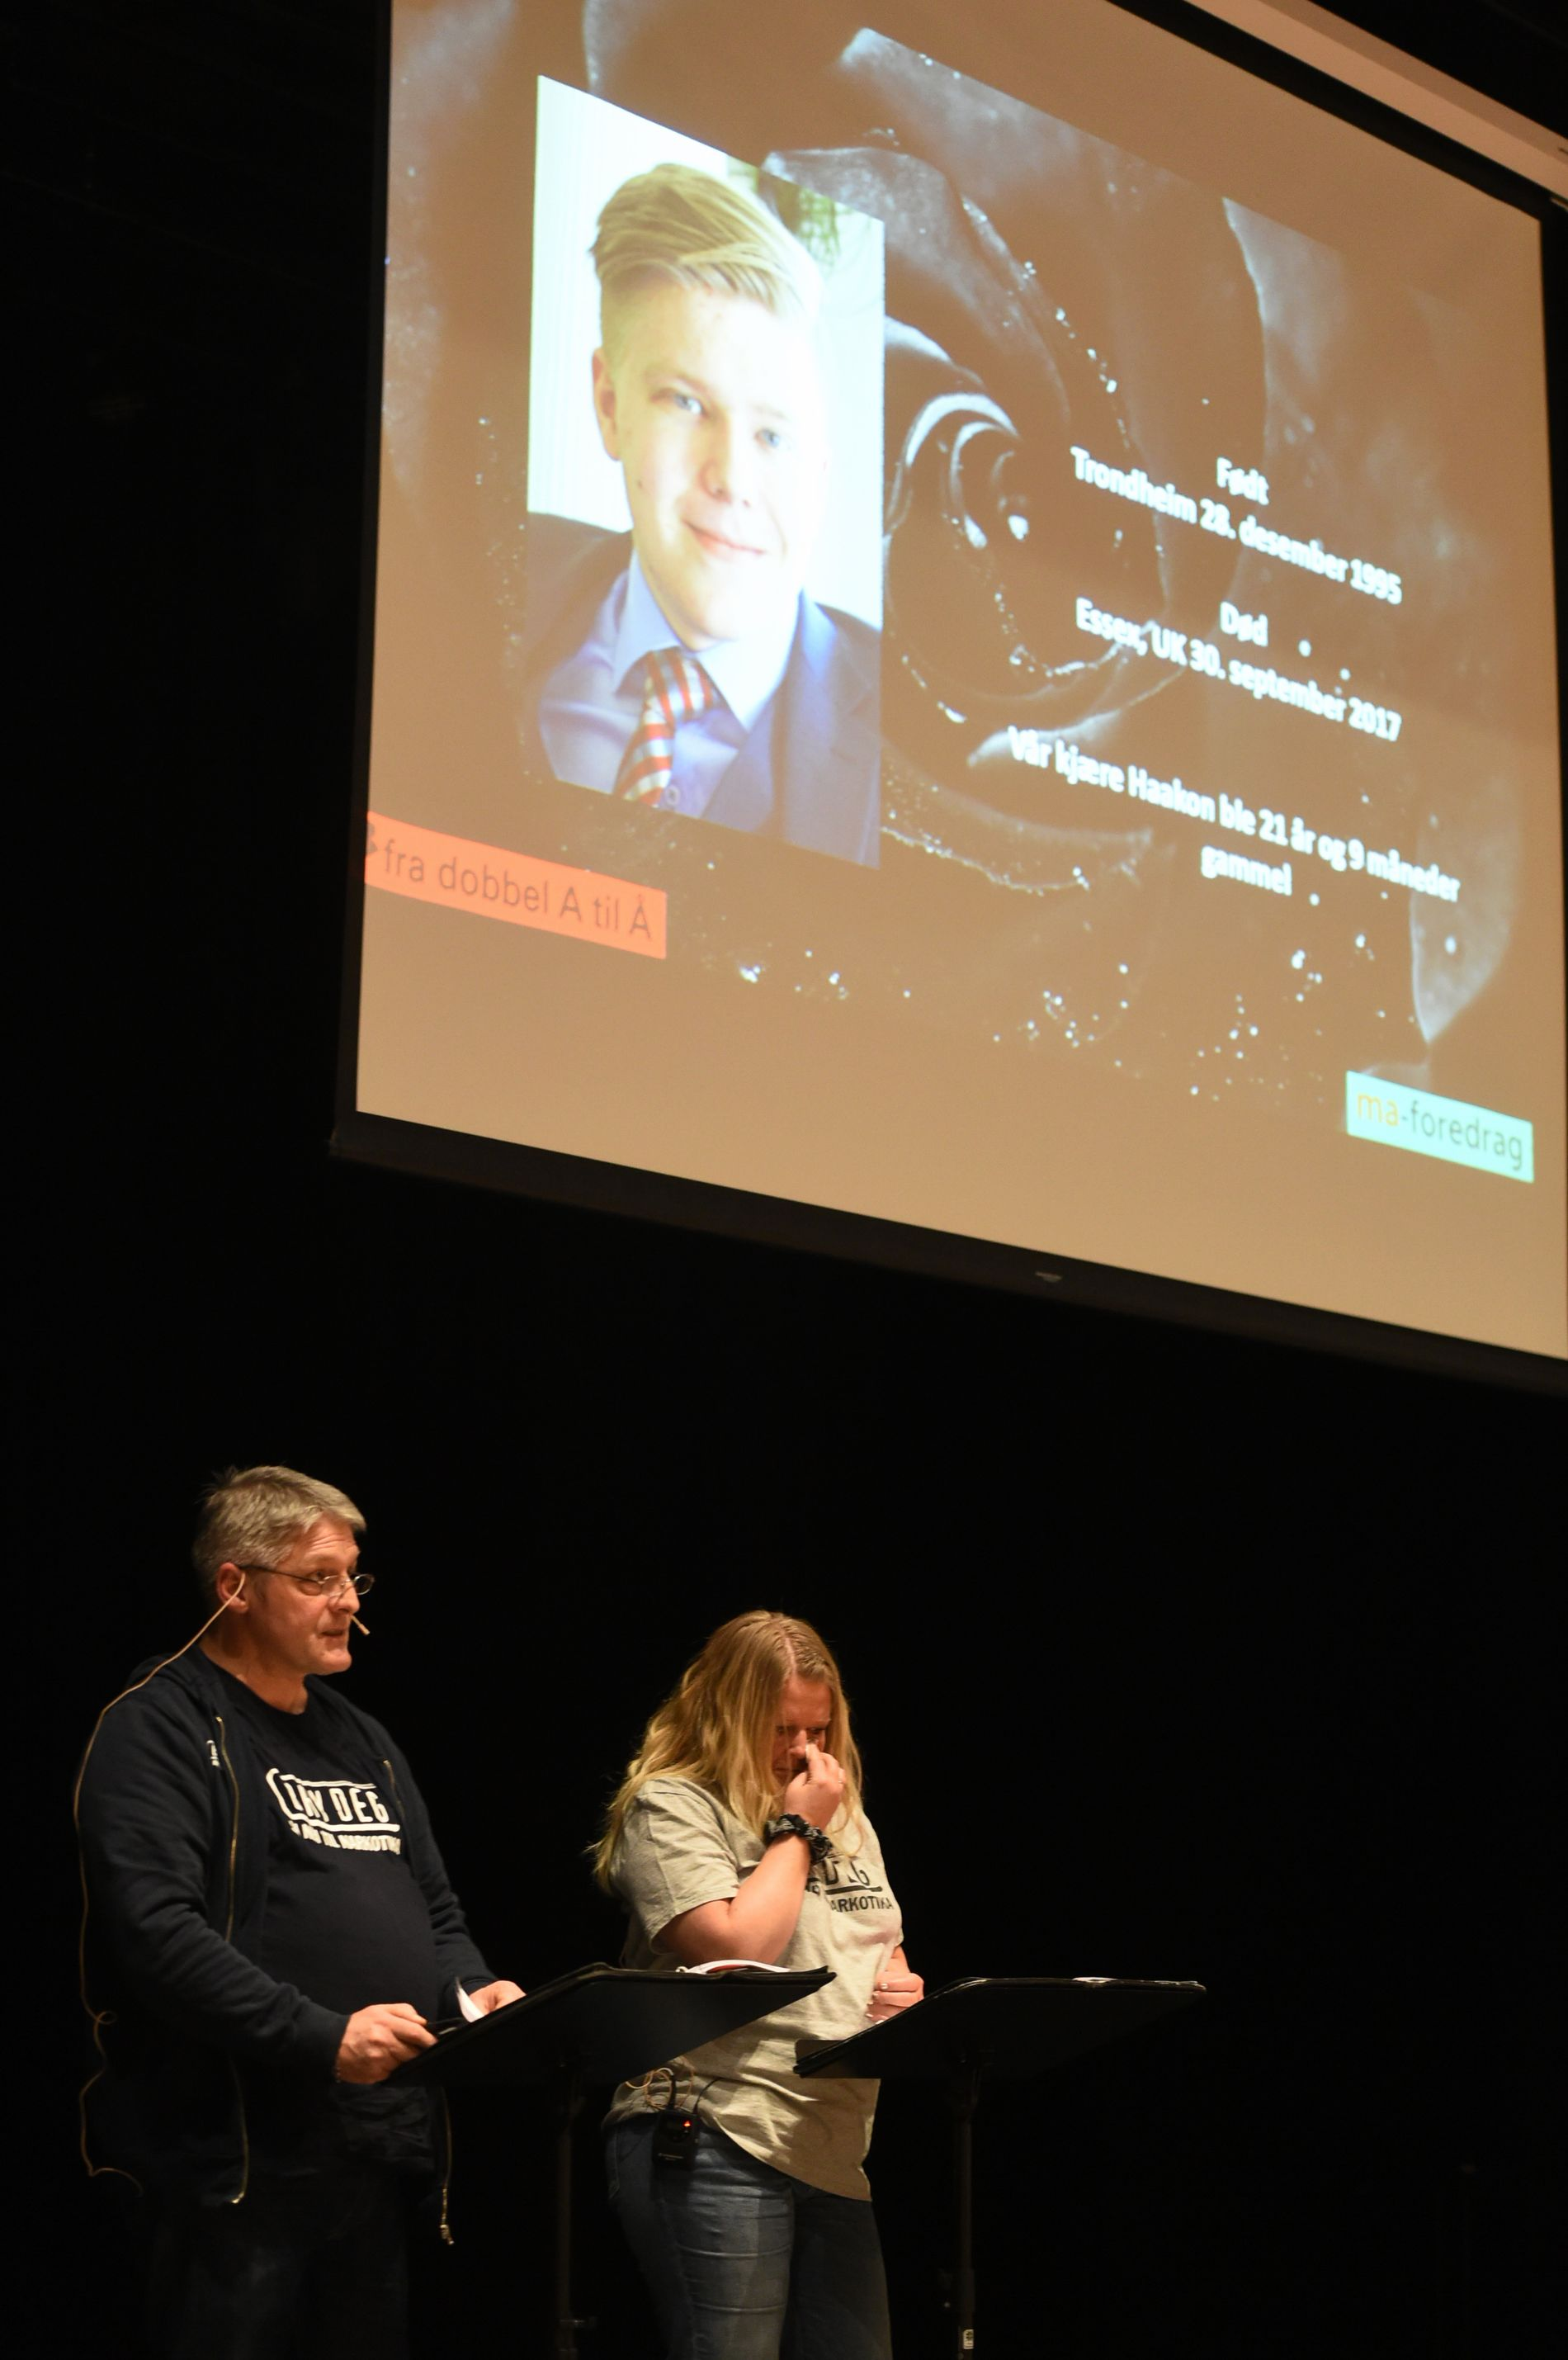 STERK HISTORIE: Mange måtte tørke tårene under foreldremøtet i Fana Kulturhus da Arne og Mona Bratland fortalte sin sterke historie.